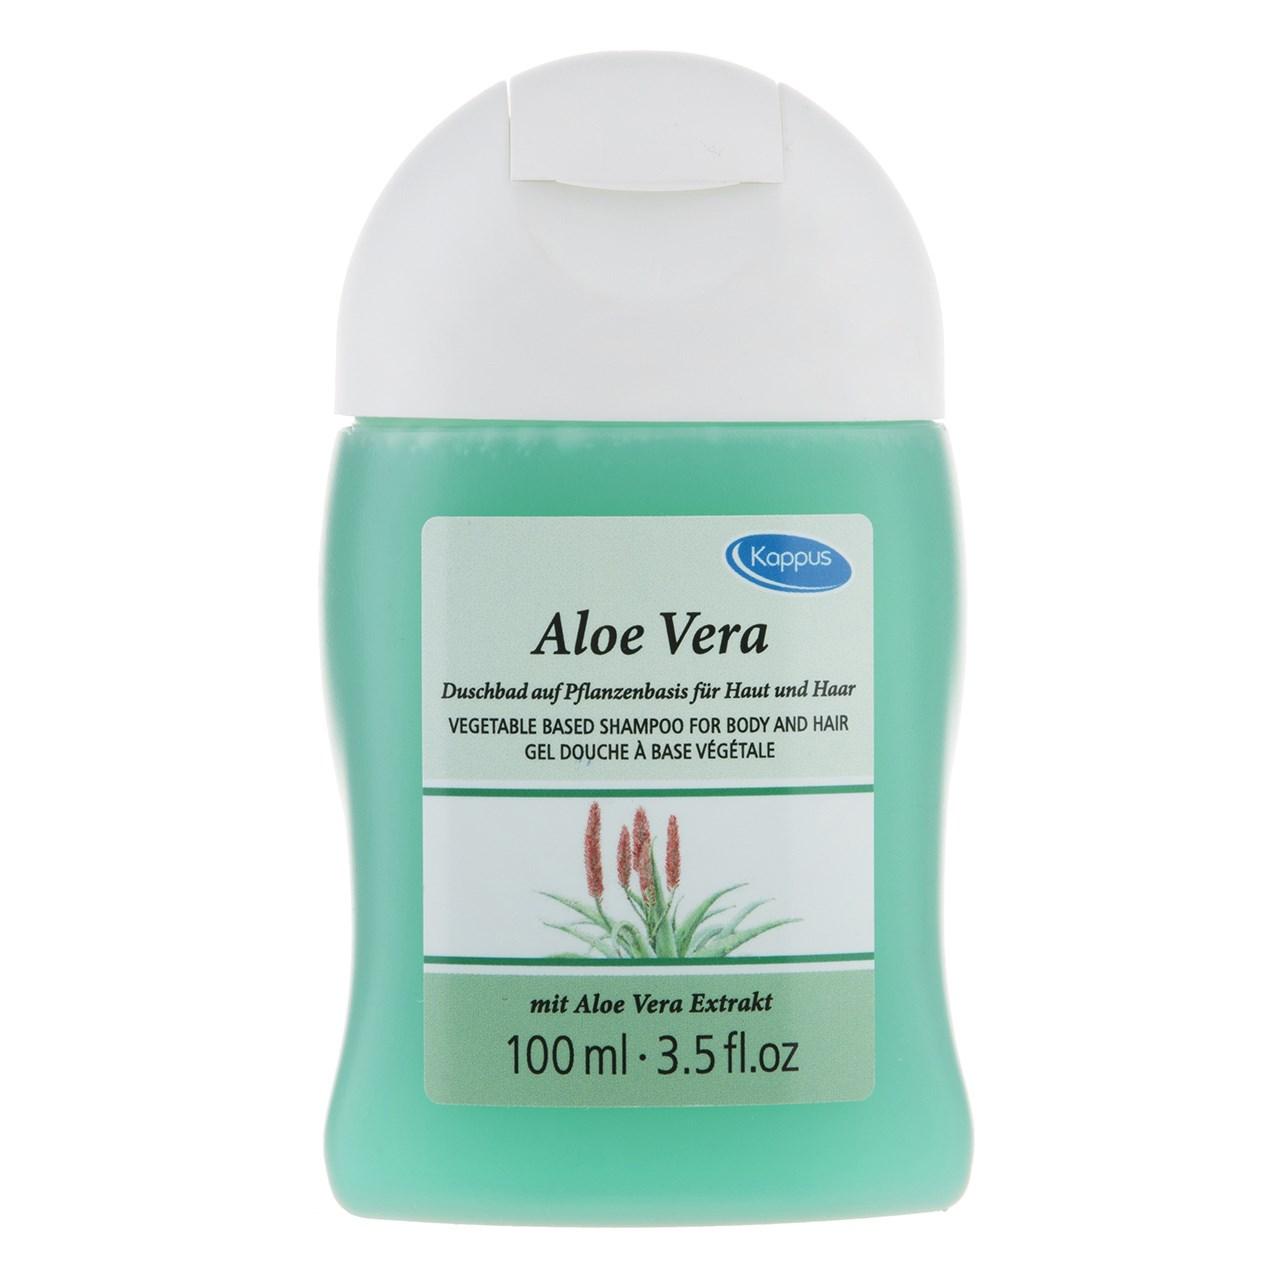 قیمت ژل دوش کاپوس مدل Aloe Vera حجم 100 میل لیتر